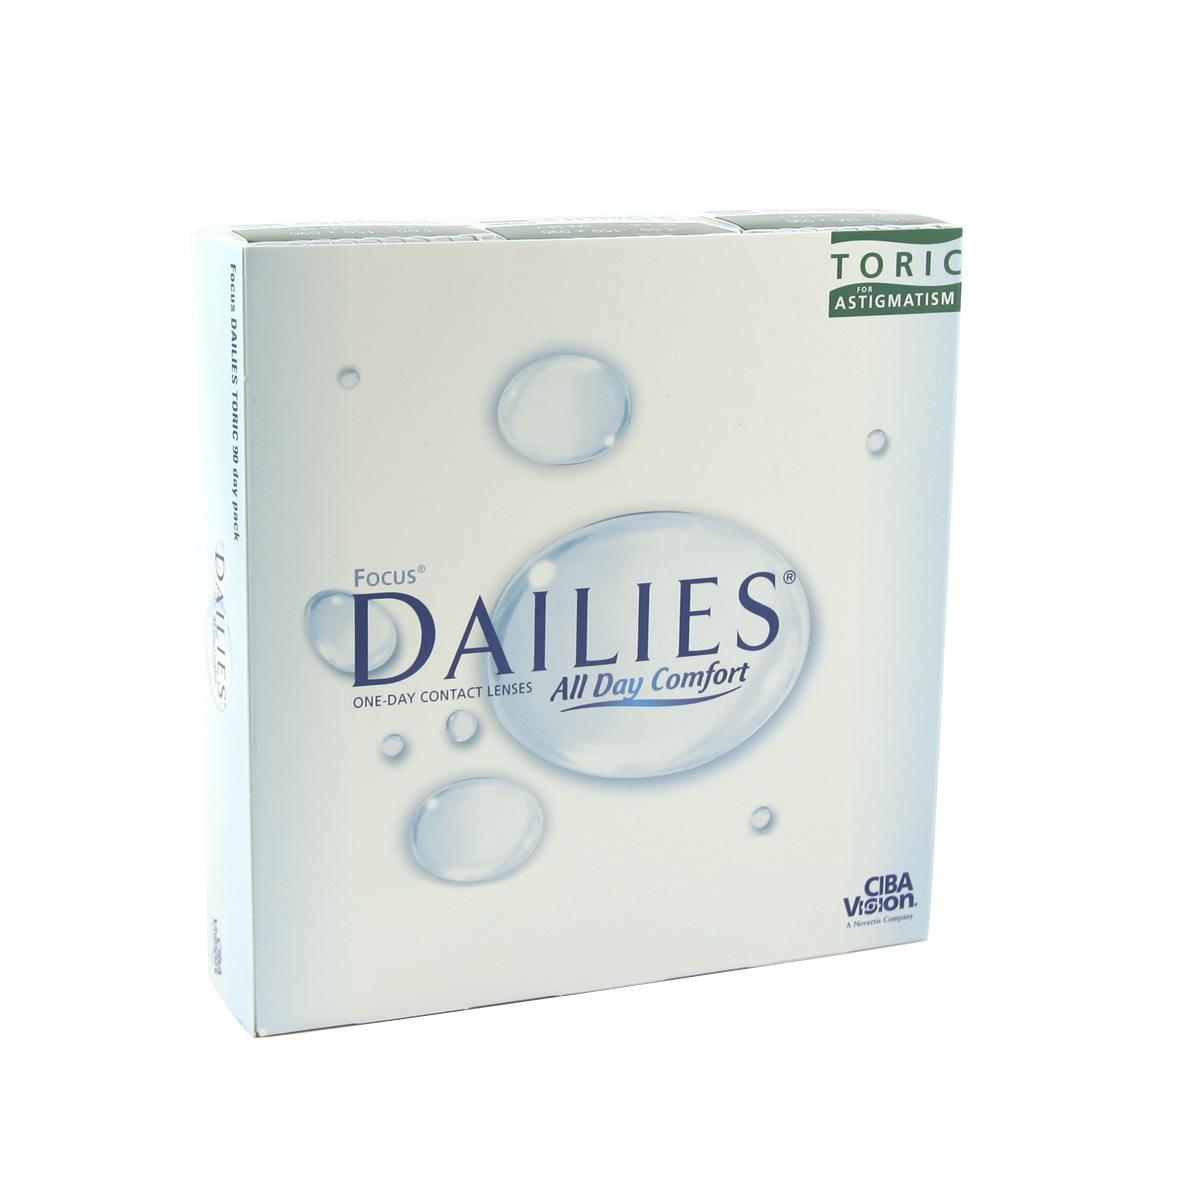 Focus Dailies Toric (90 lenses)